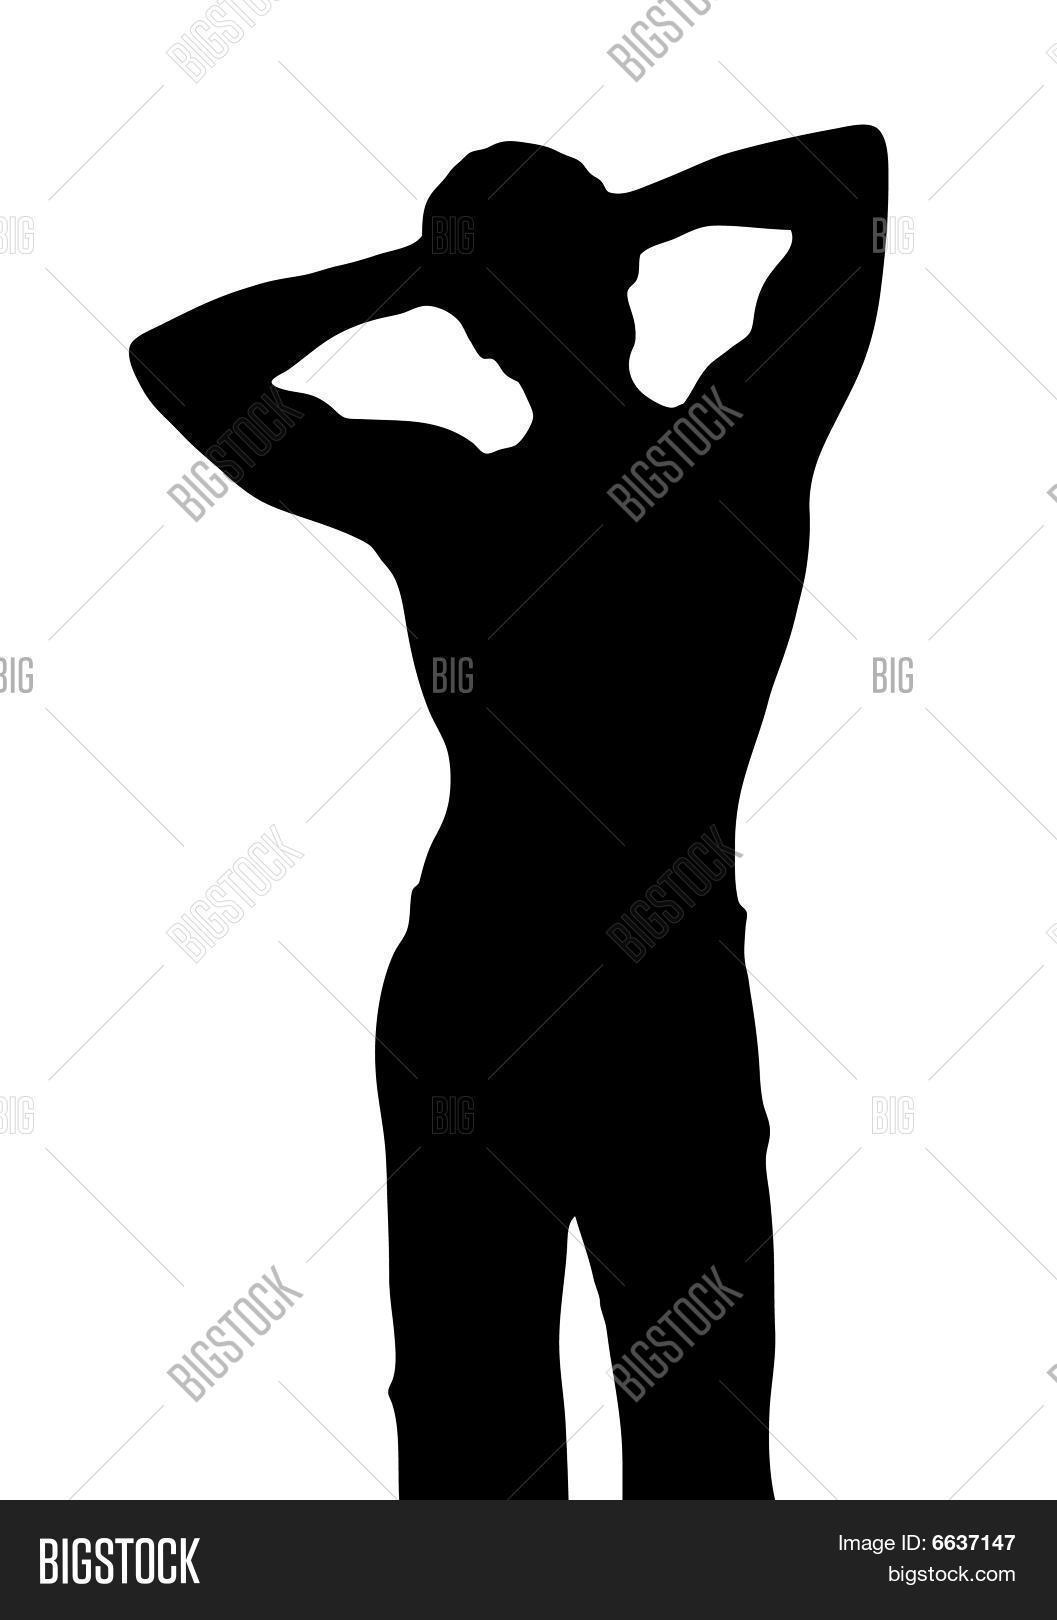 Male Silhouette Vector & Photo   Bigstock